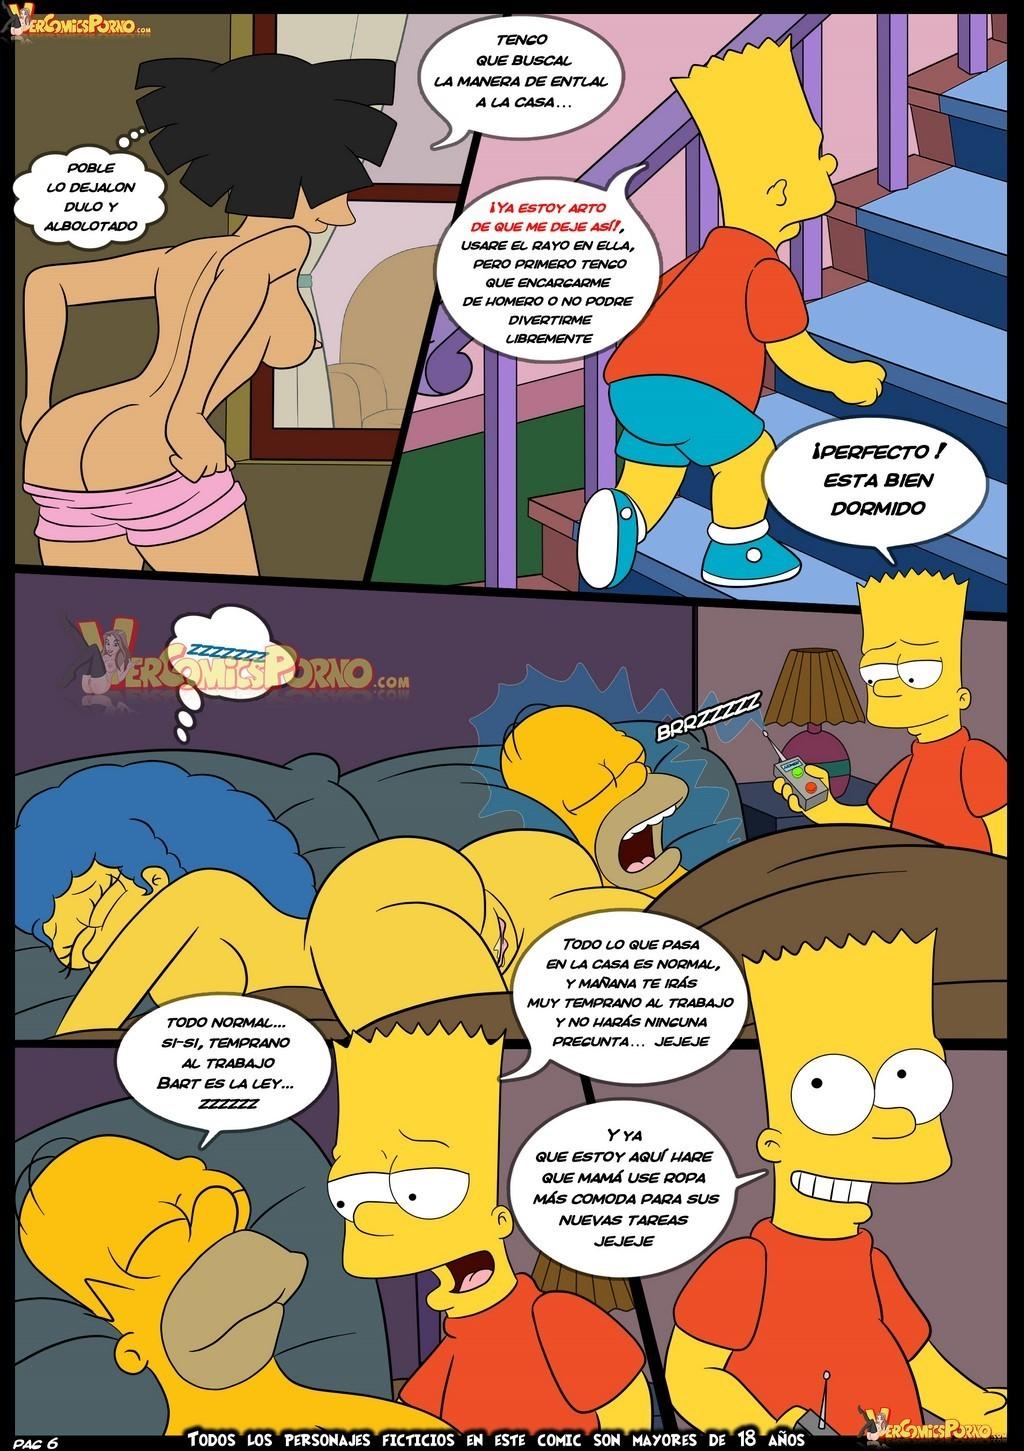 SimpsoRama-07.jpg comic porno